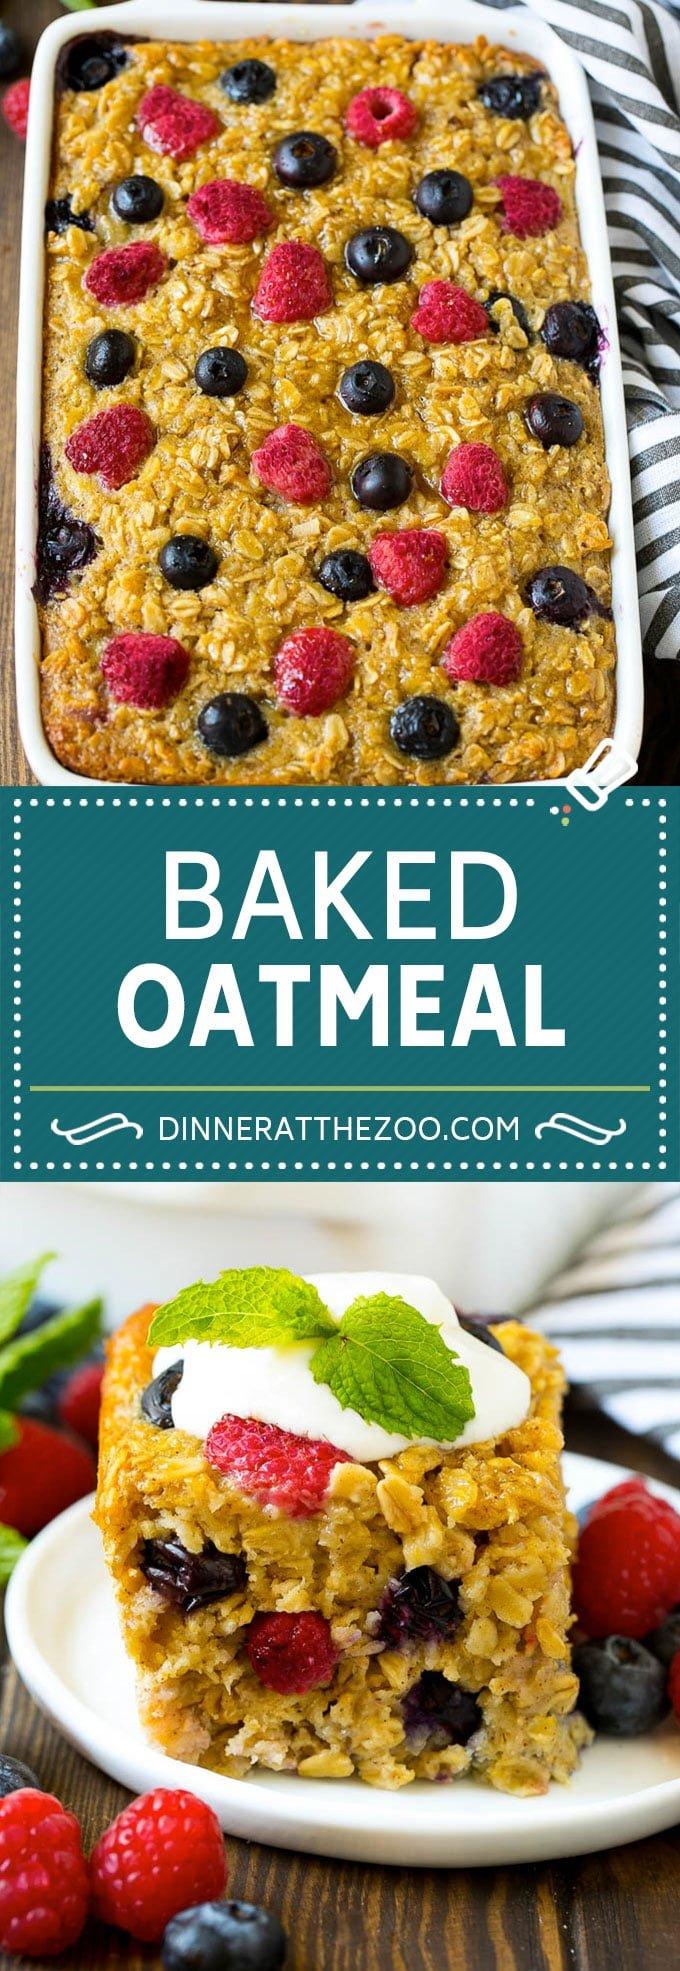 Baked Oatmeal Recipe | Meal Prep | Healthy Oatmeal #oatmeal #casserole #breakfast #brunch #dinneratthezoo #mealprep